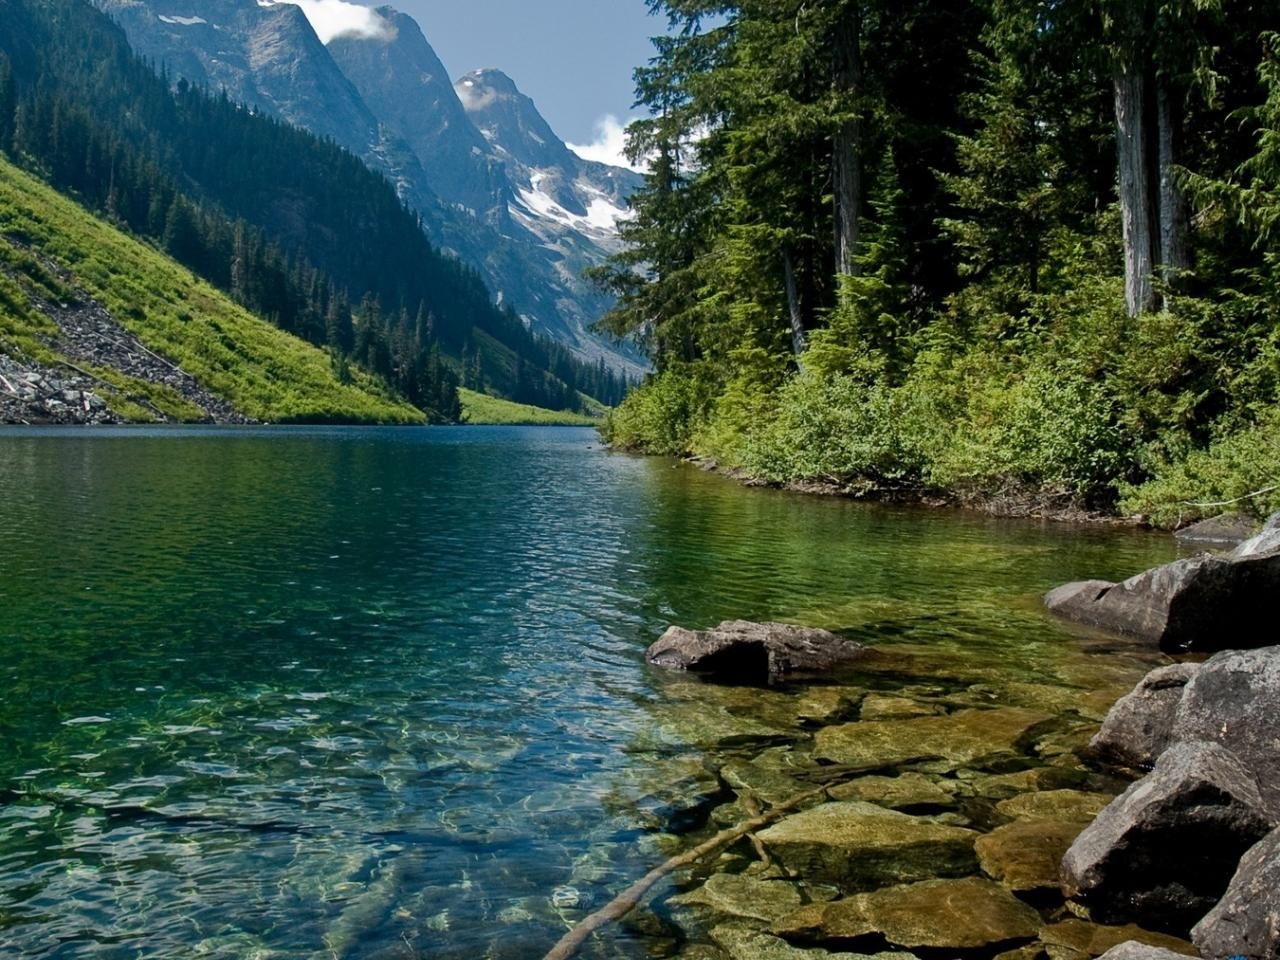 26163 скачать обои Пейзаж, Река, Деревья, Горы - заставки и картинки бесплатно